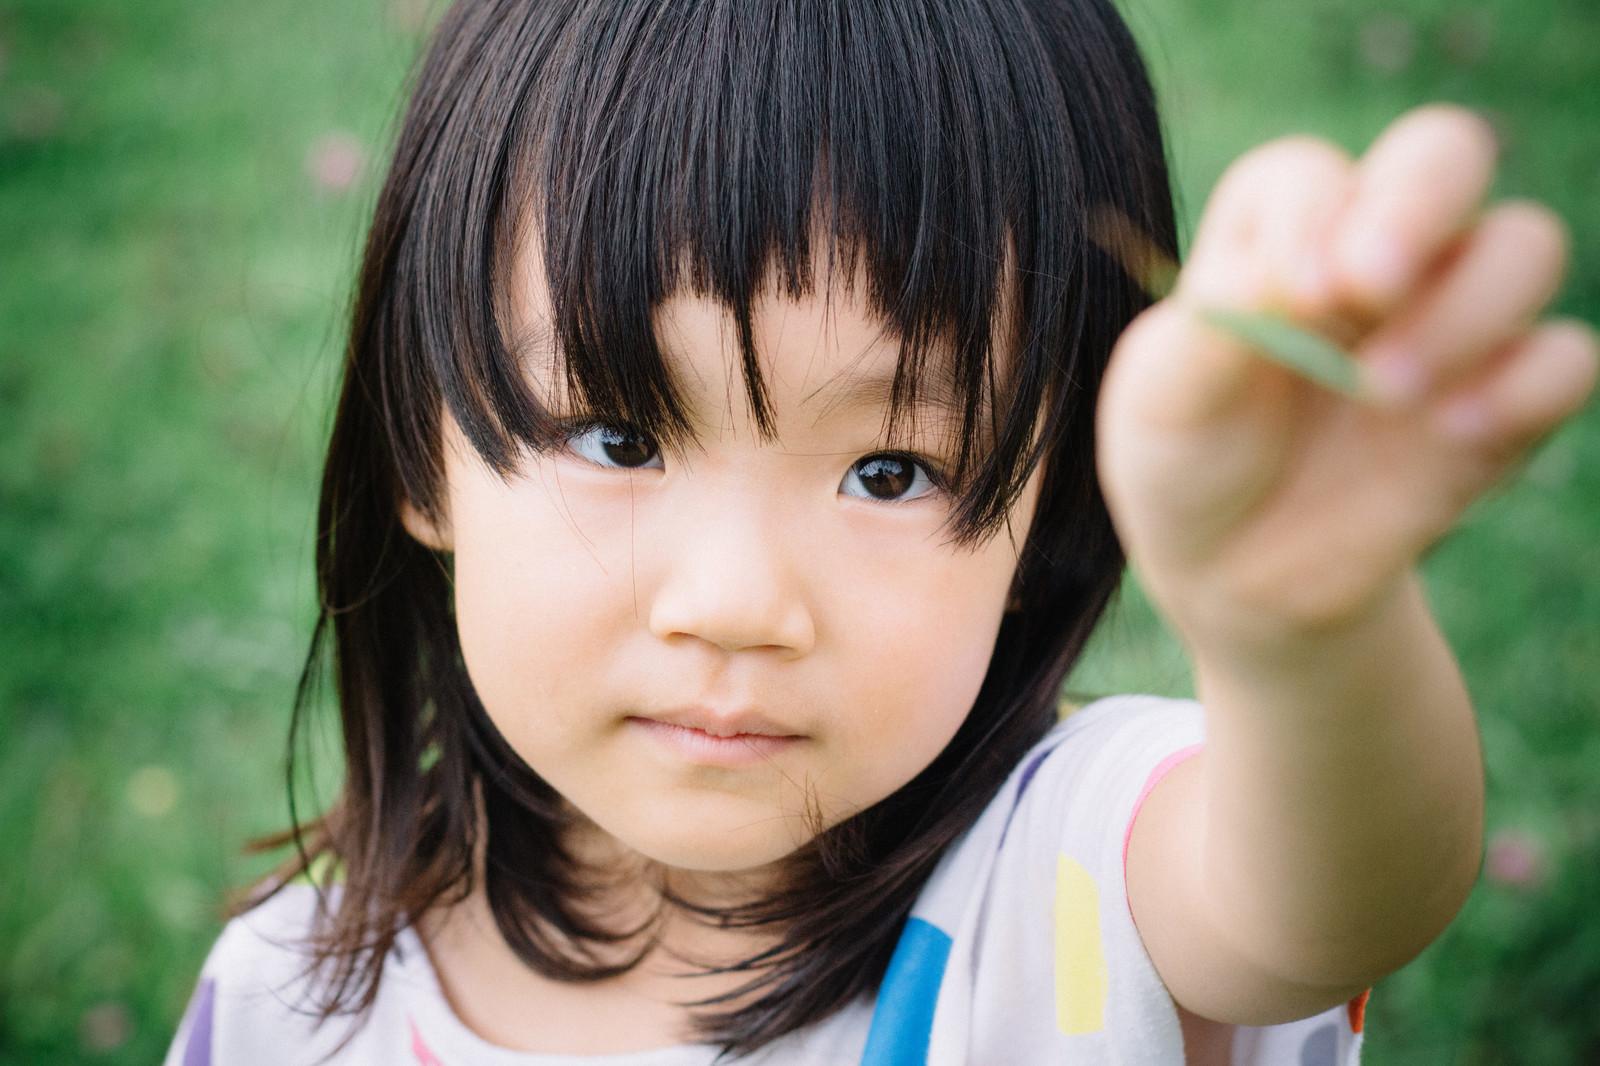 認可保育園に入所するために親がするべき5つの大切なこと